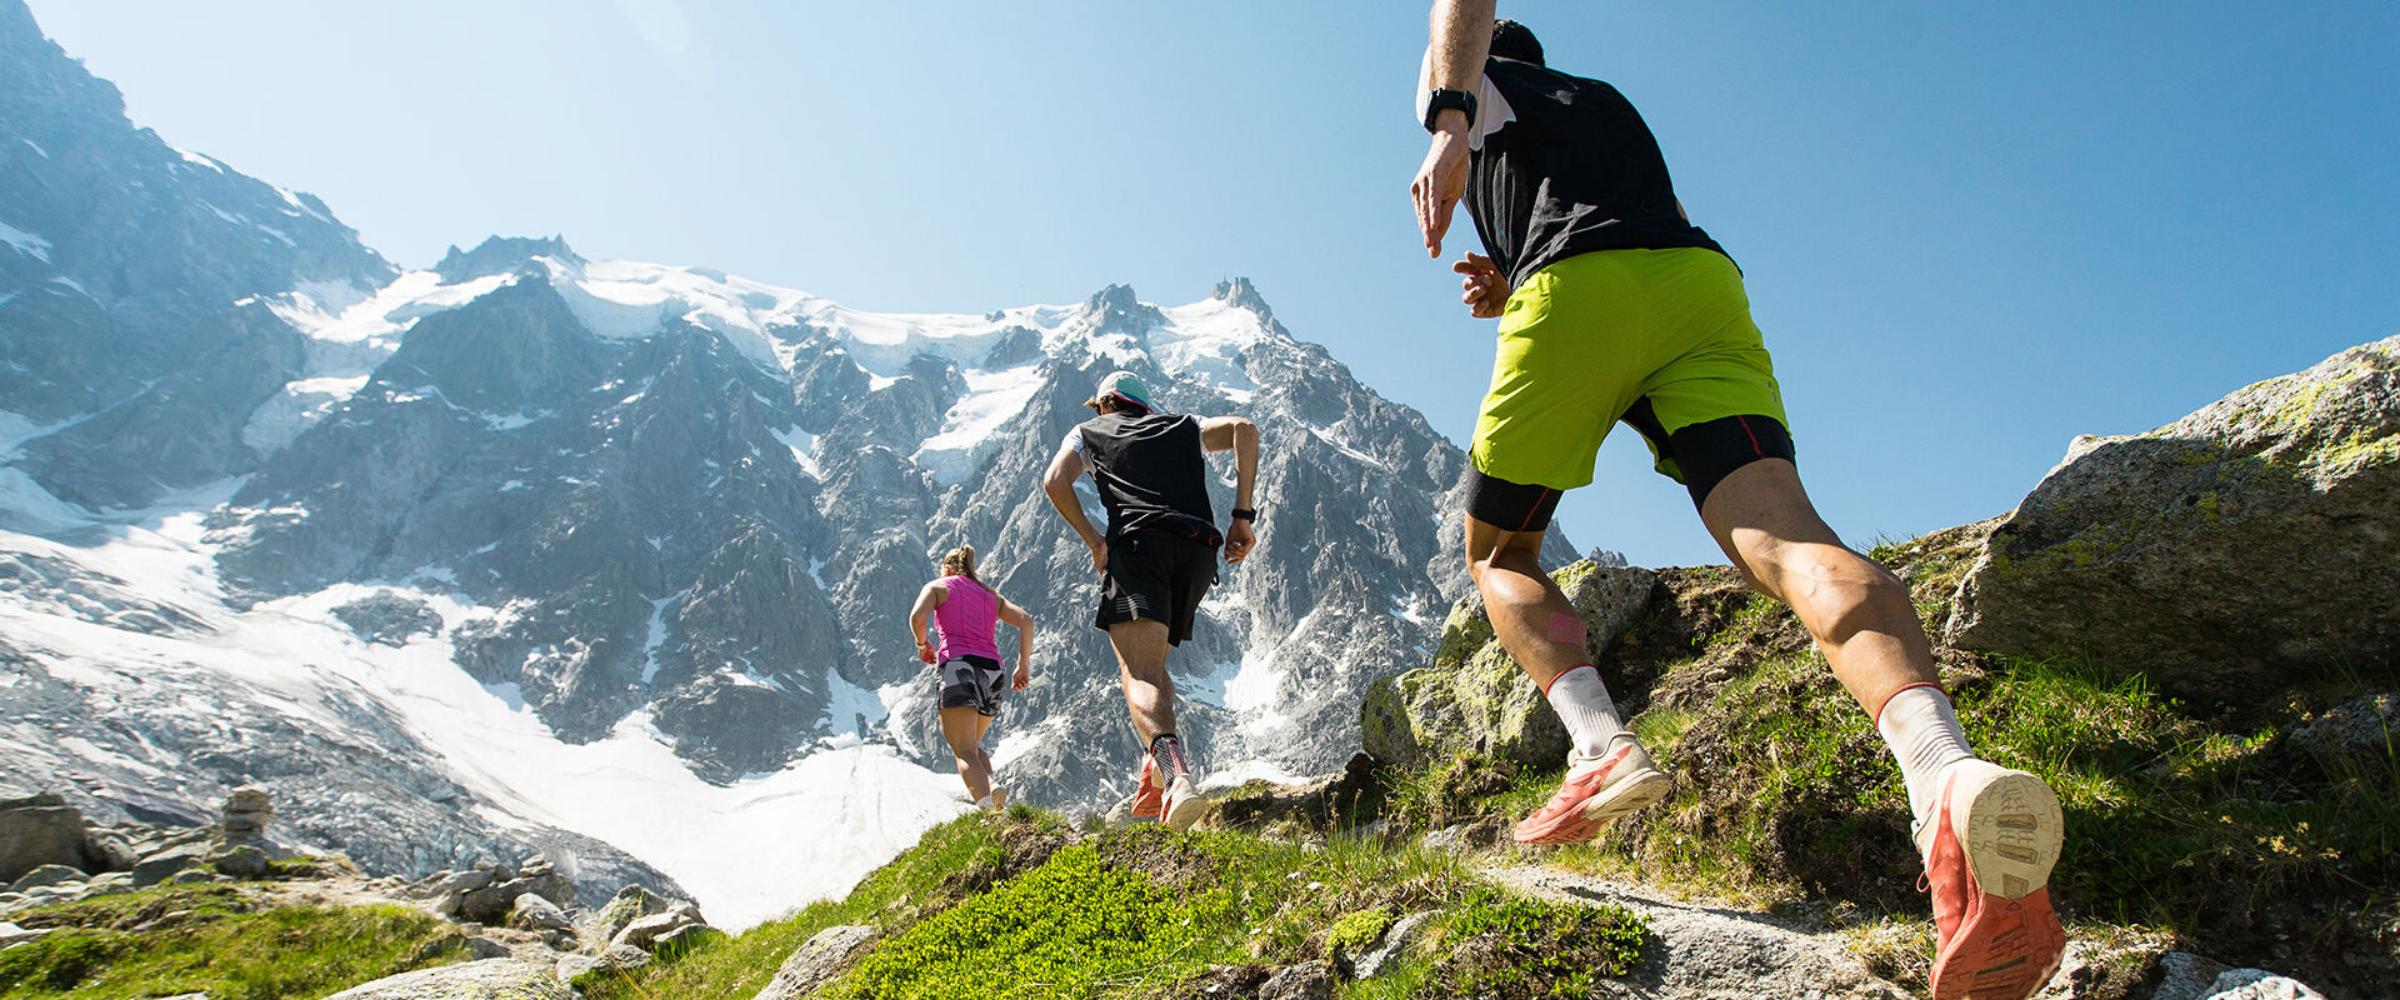 Athletes run at high altitude